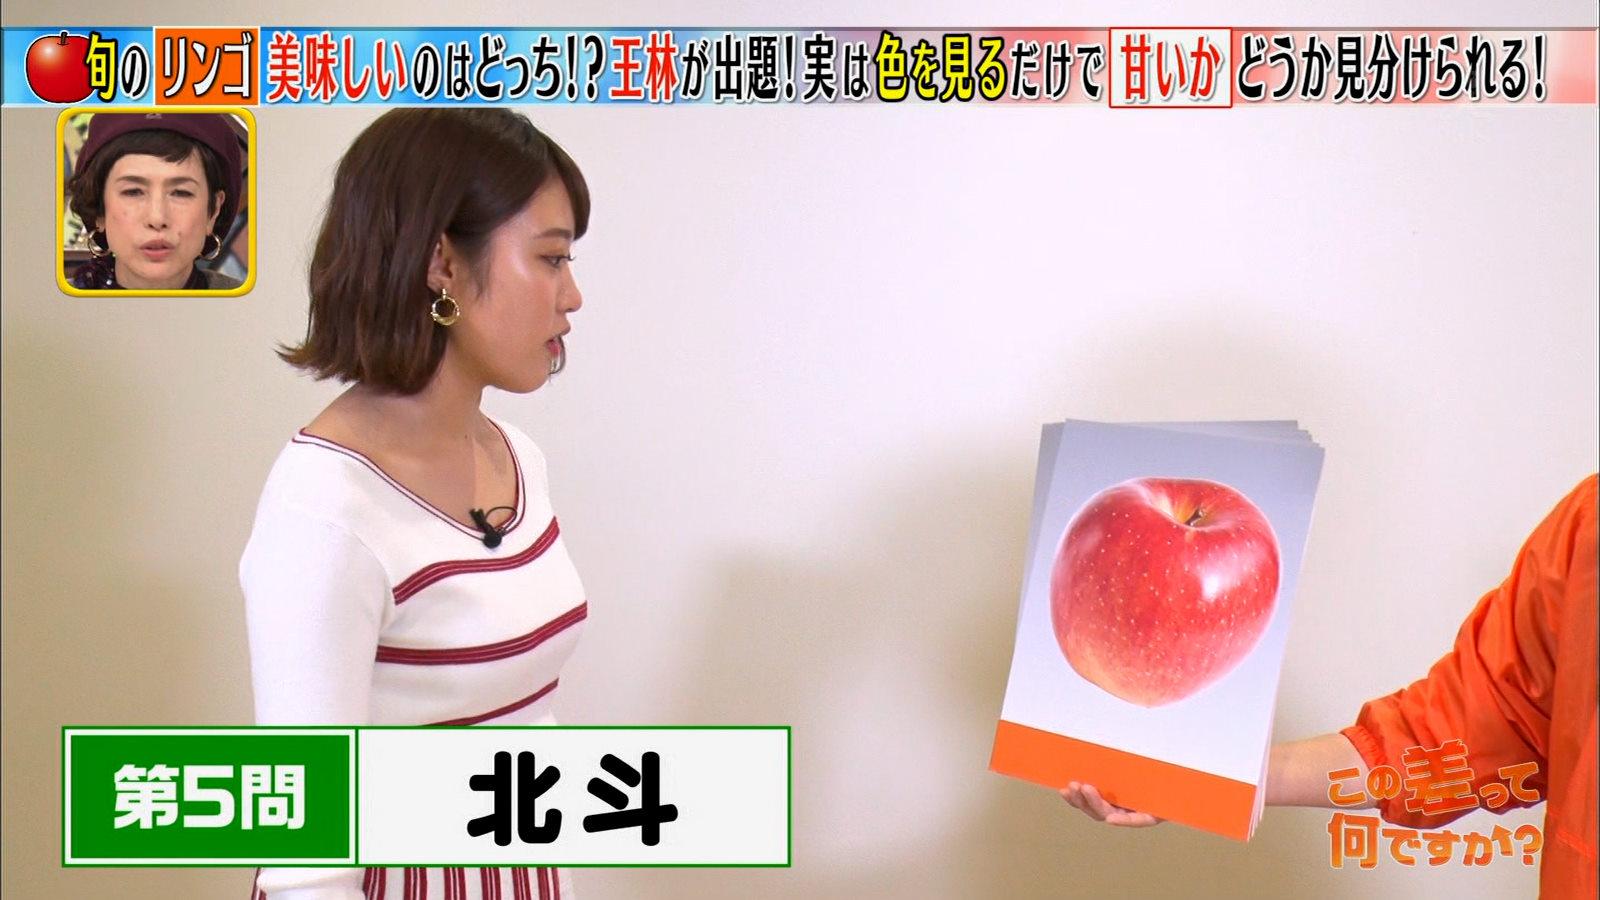 王林_おっぱい_横乳_テレビキャプ画像_08